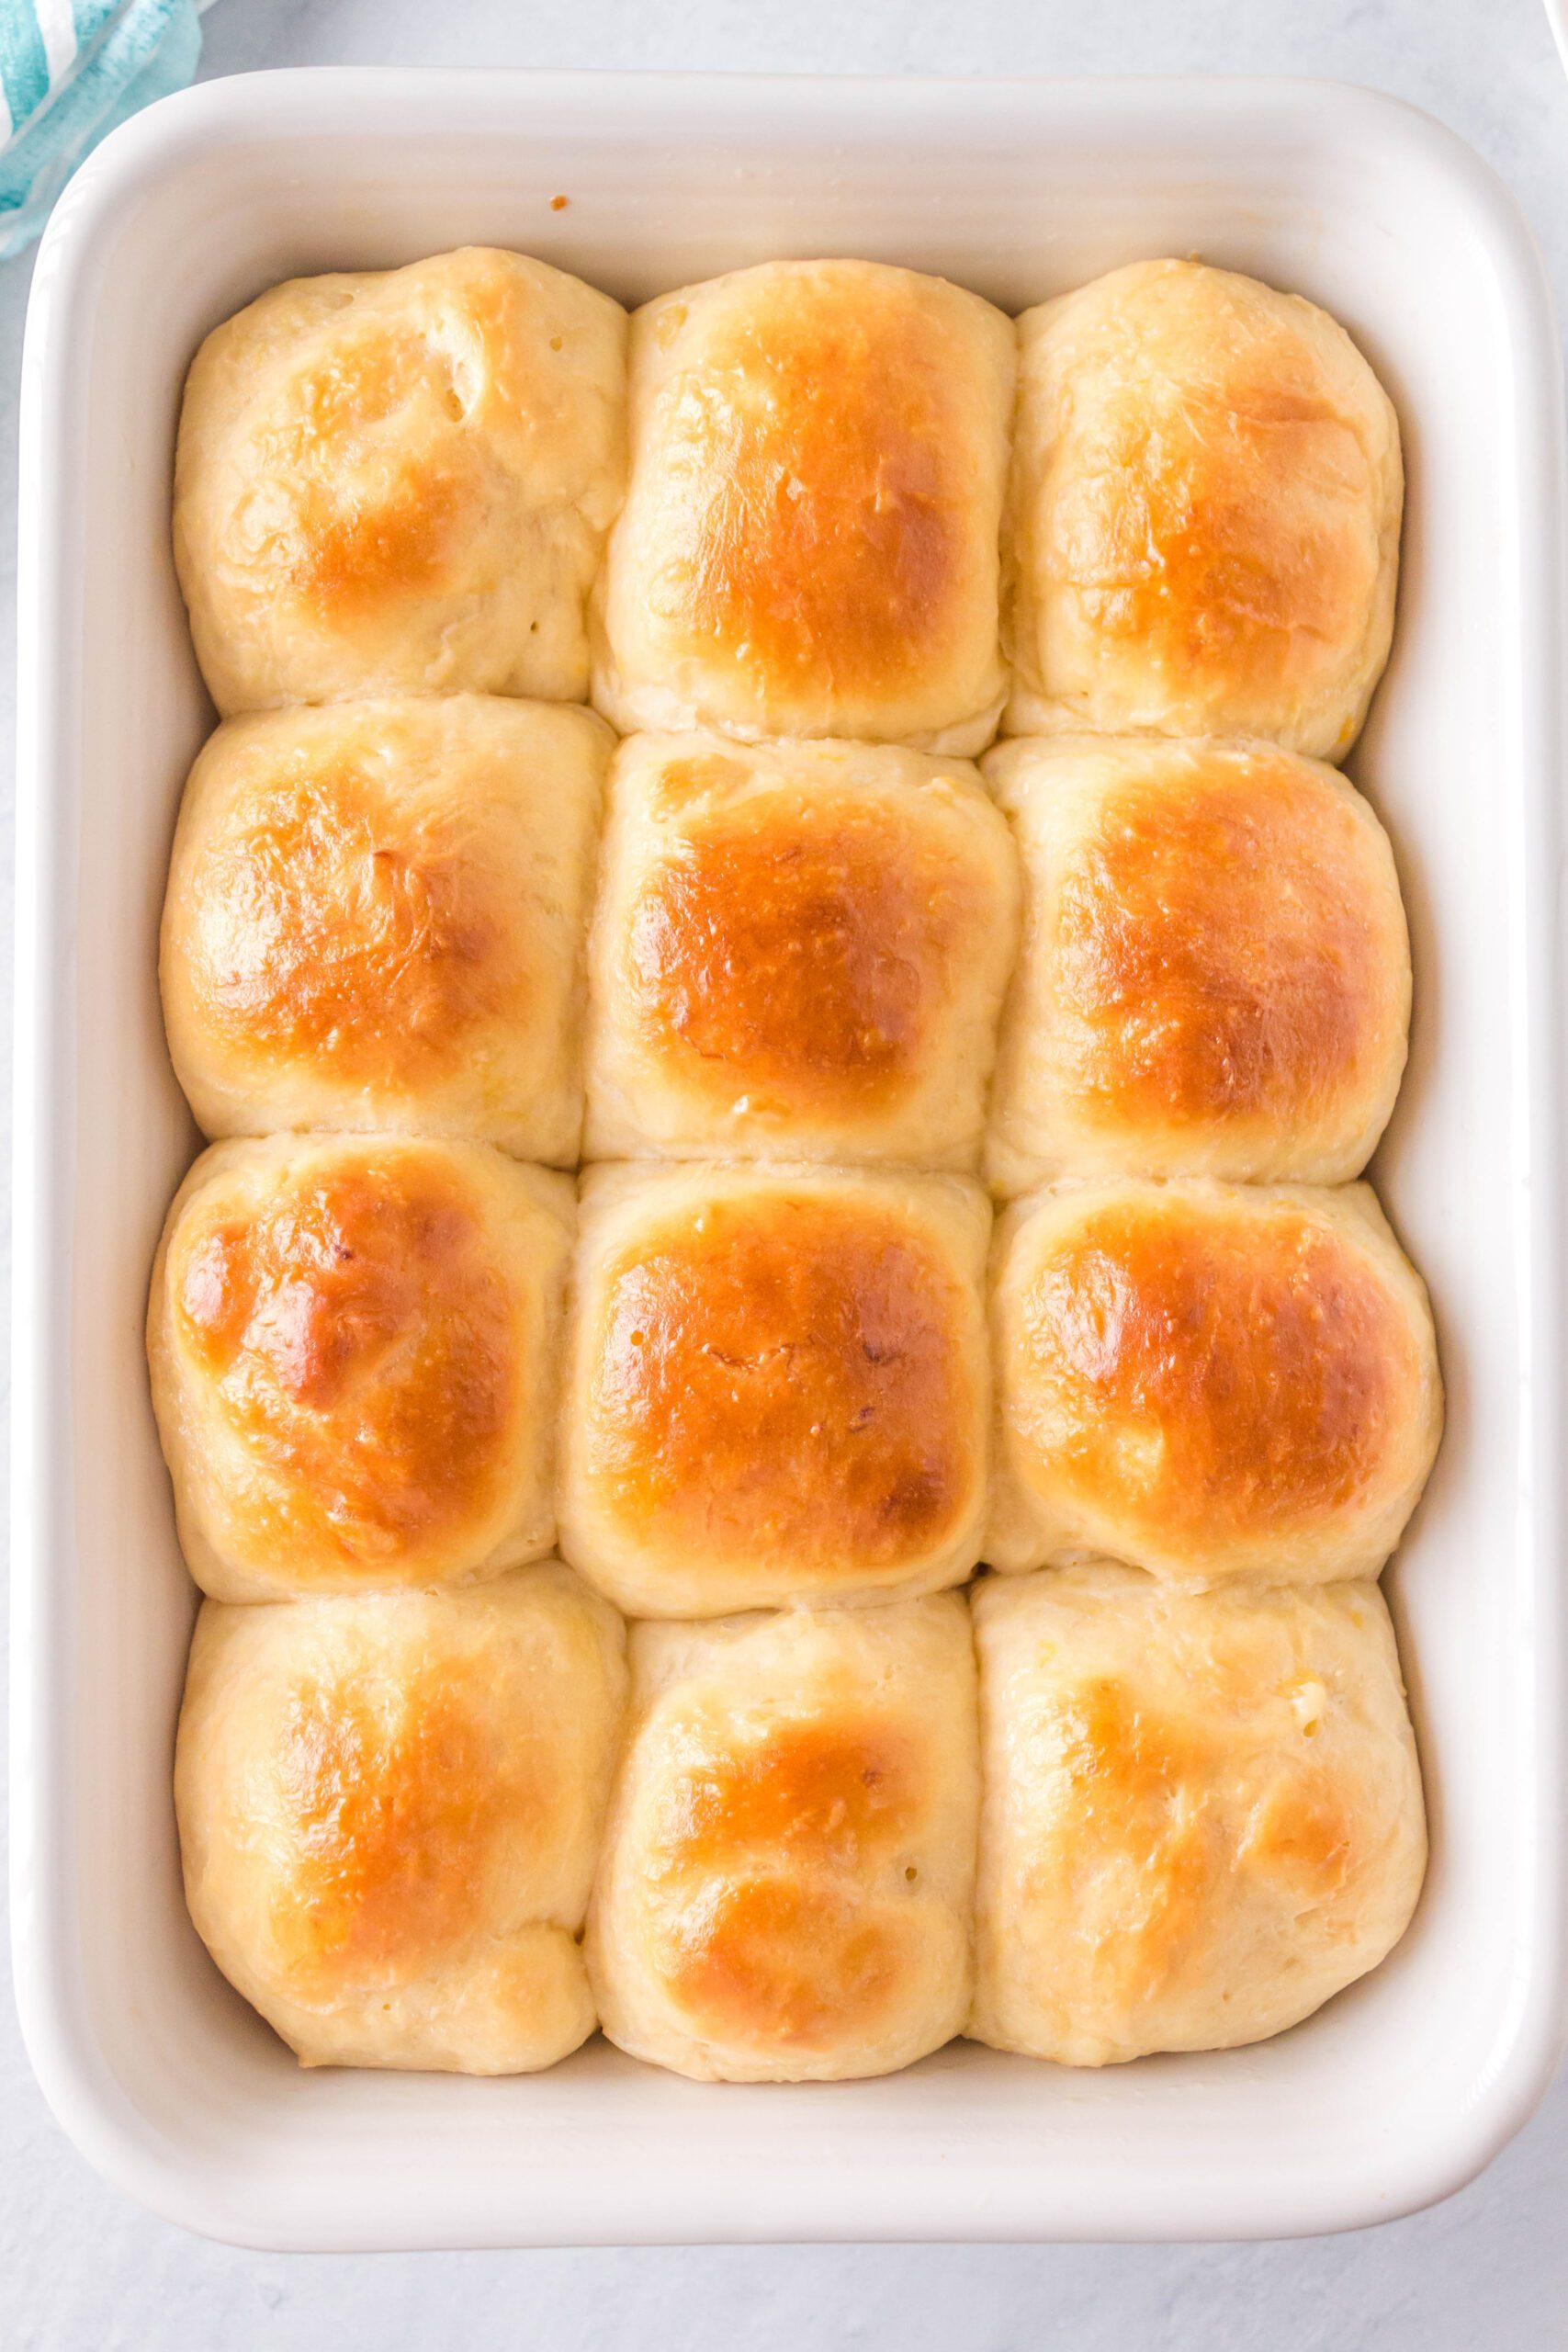 homemade hawaiian sweet rolls in a pan